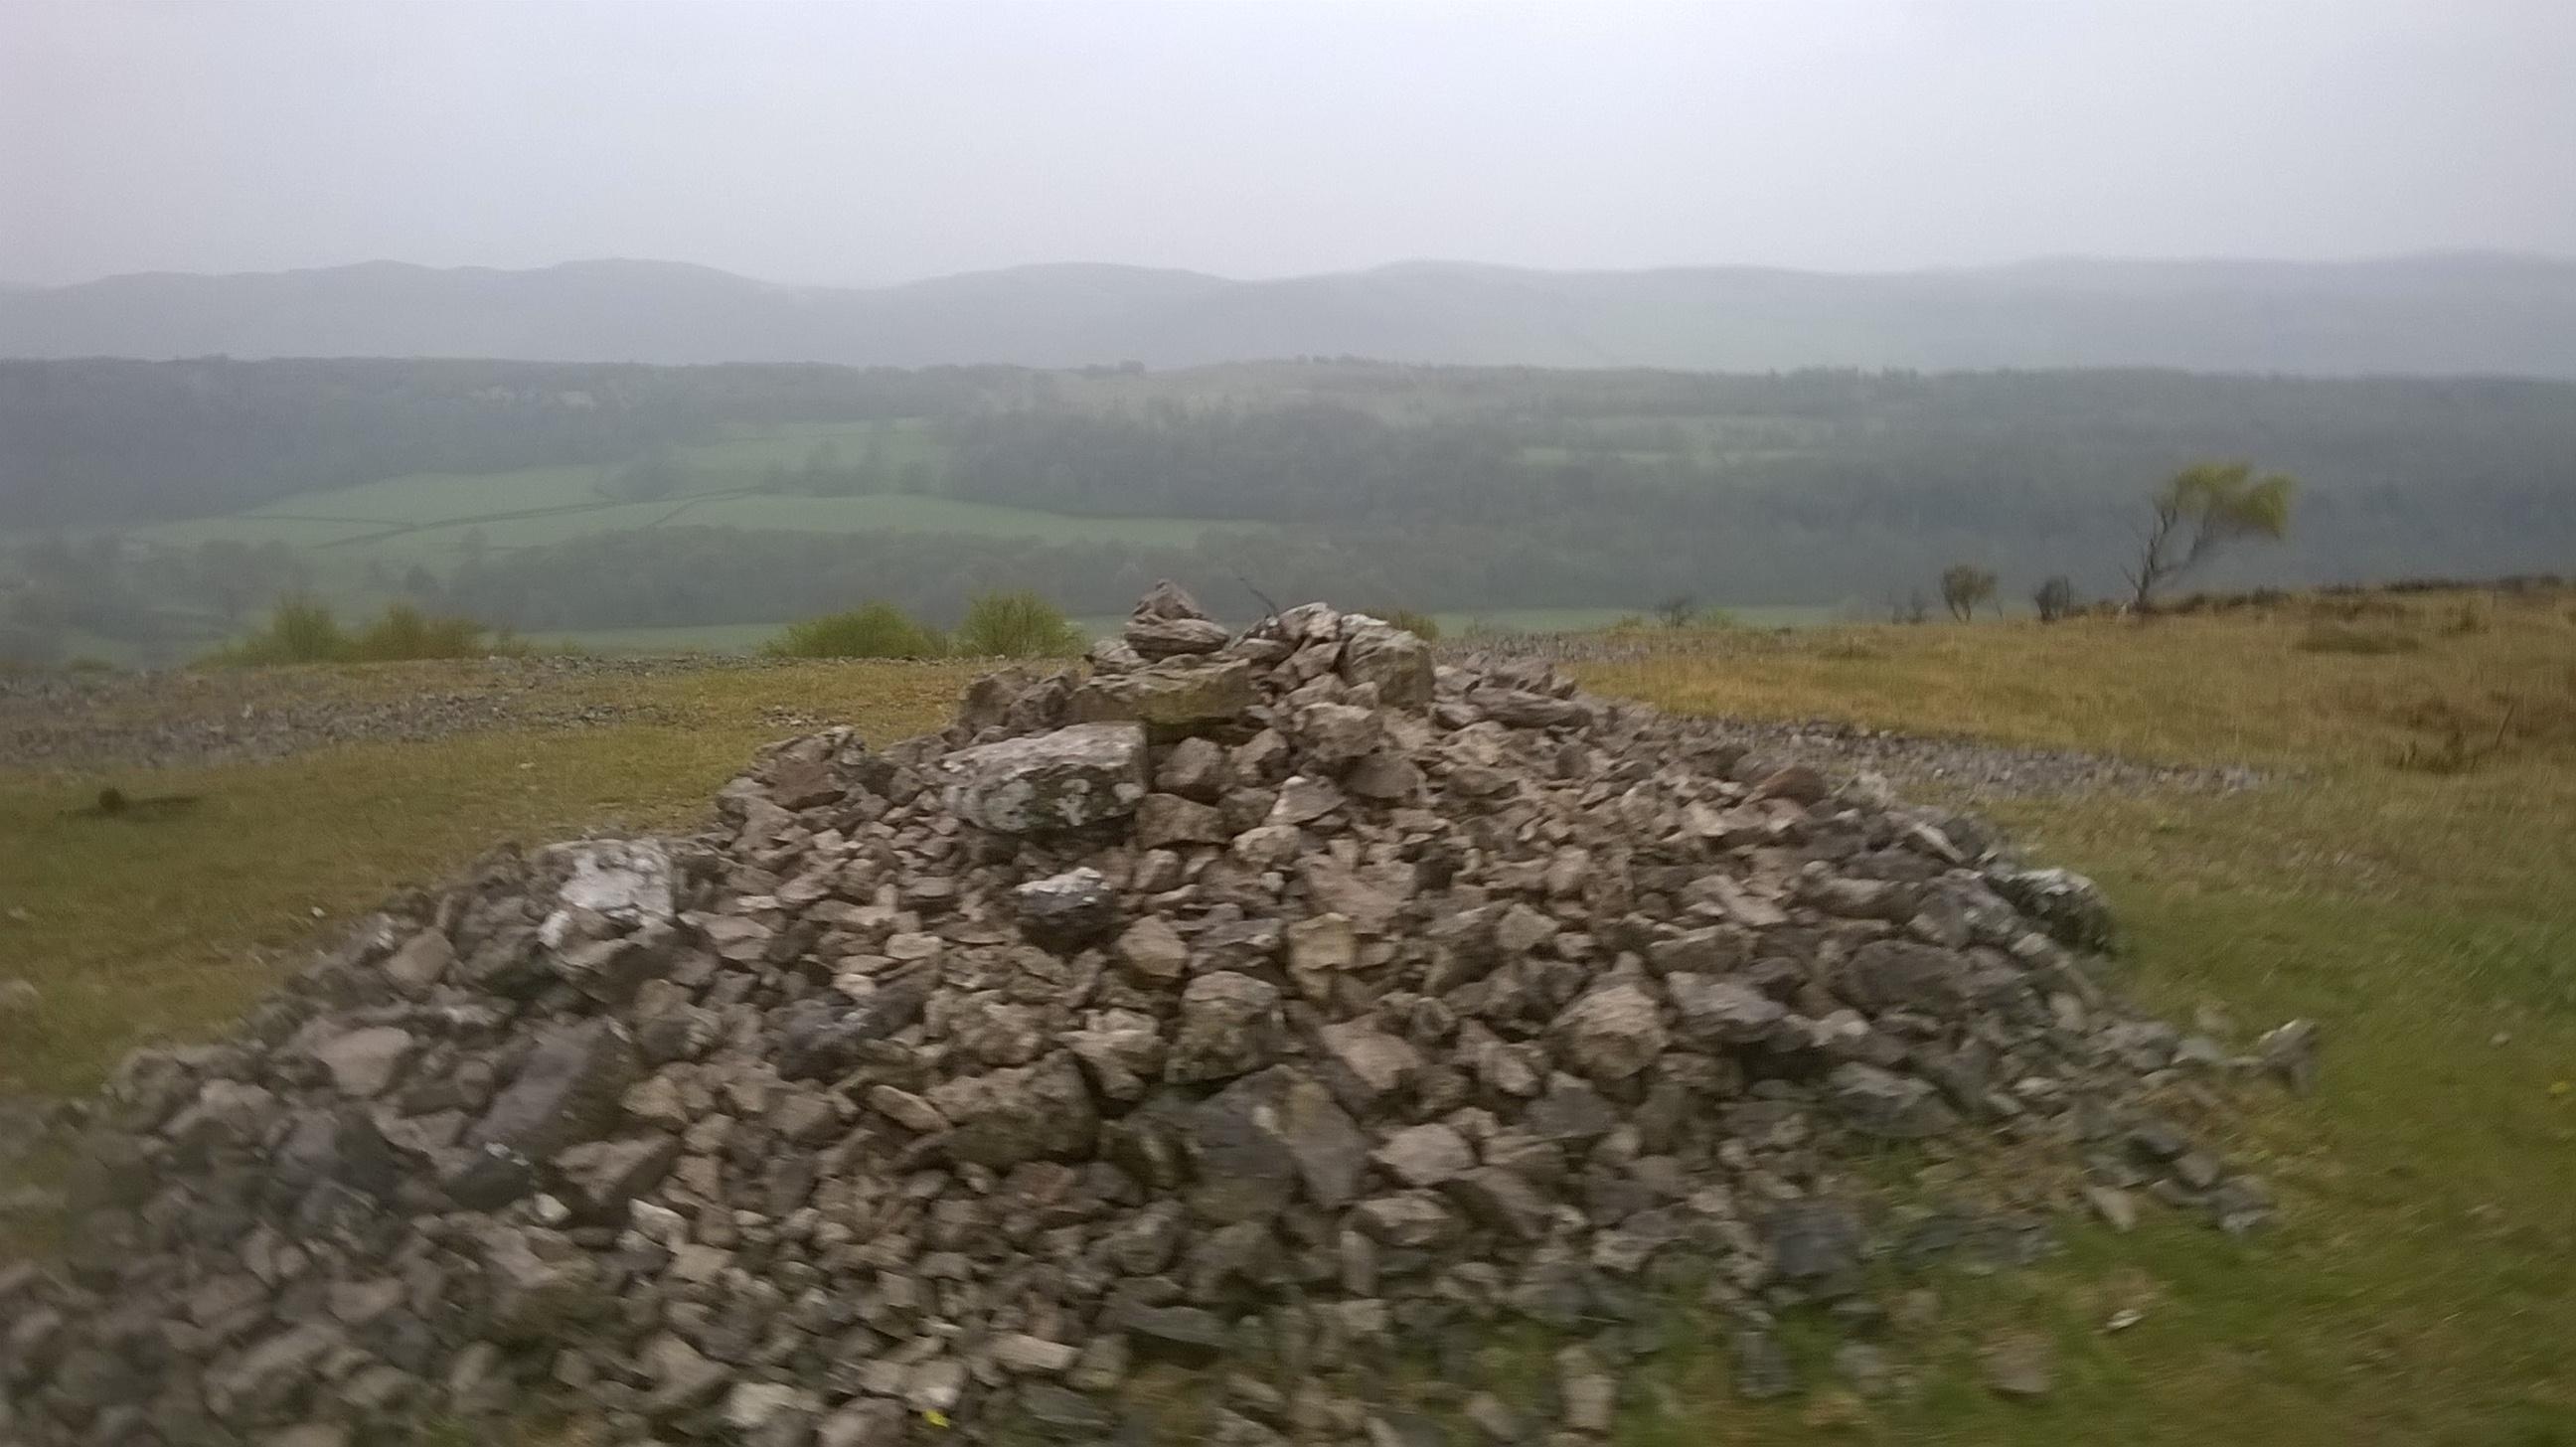 Kalna virsotnē sakrauta akmeņu kaudze un skats uz visām pusēm